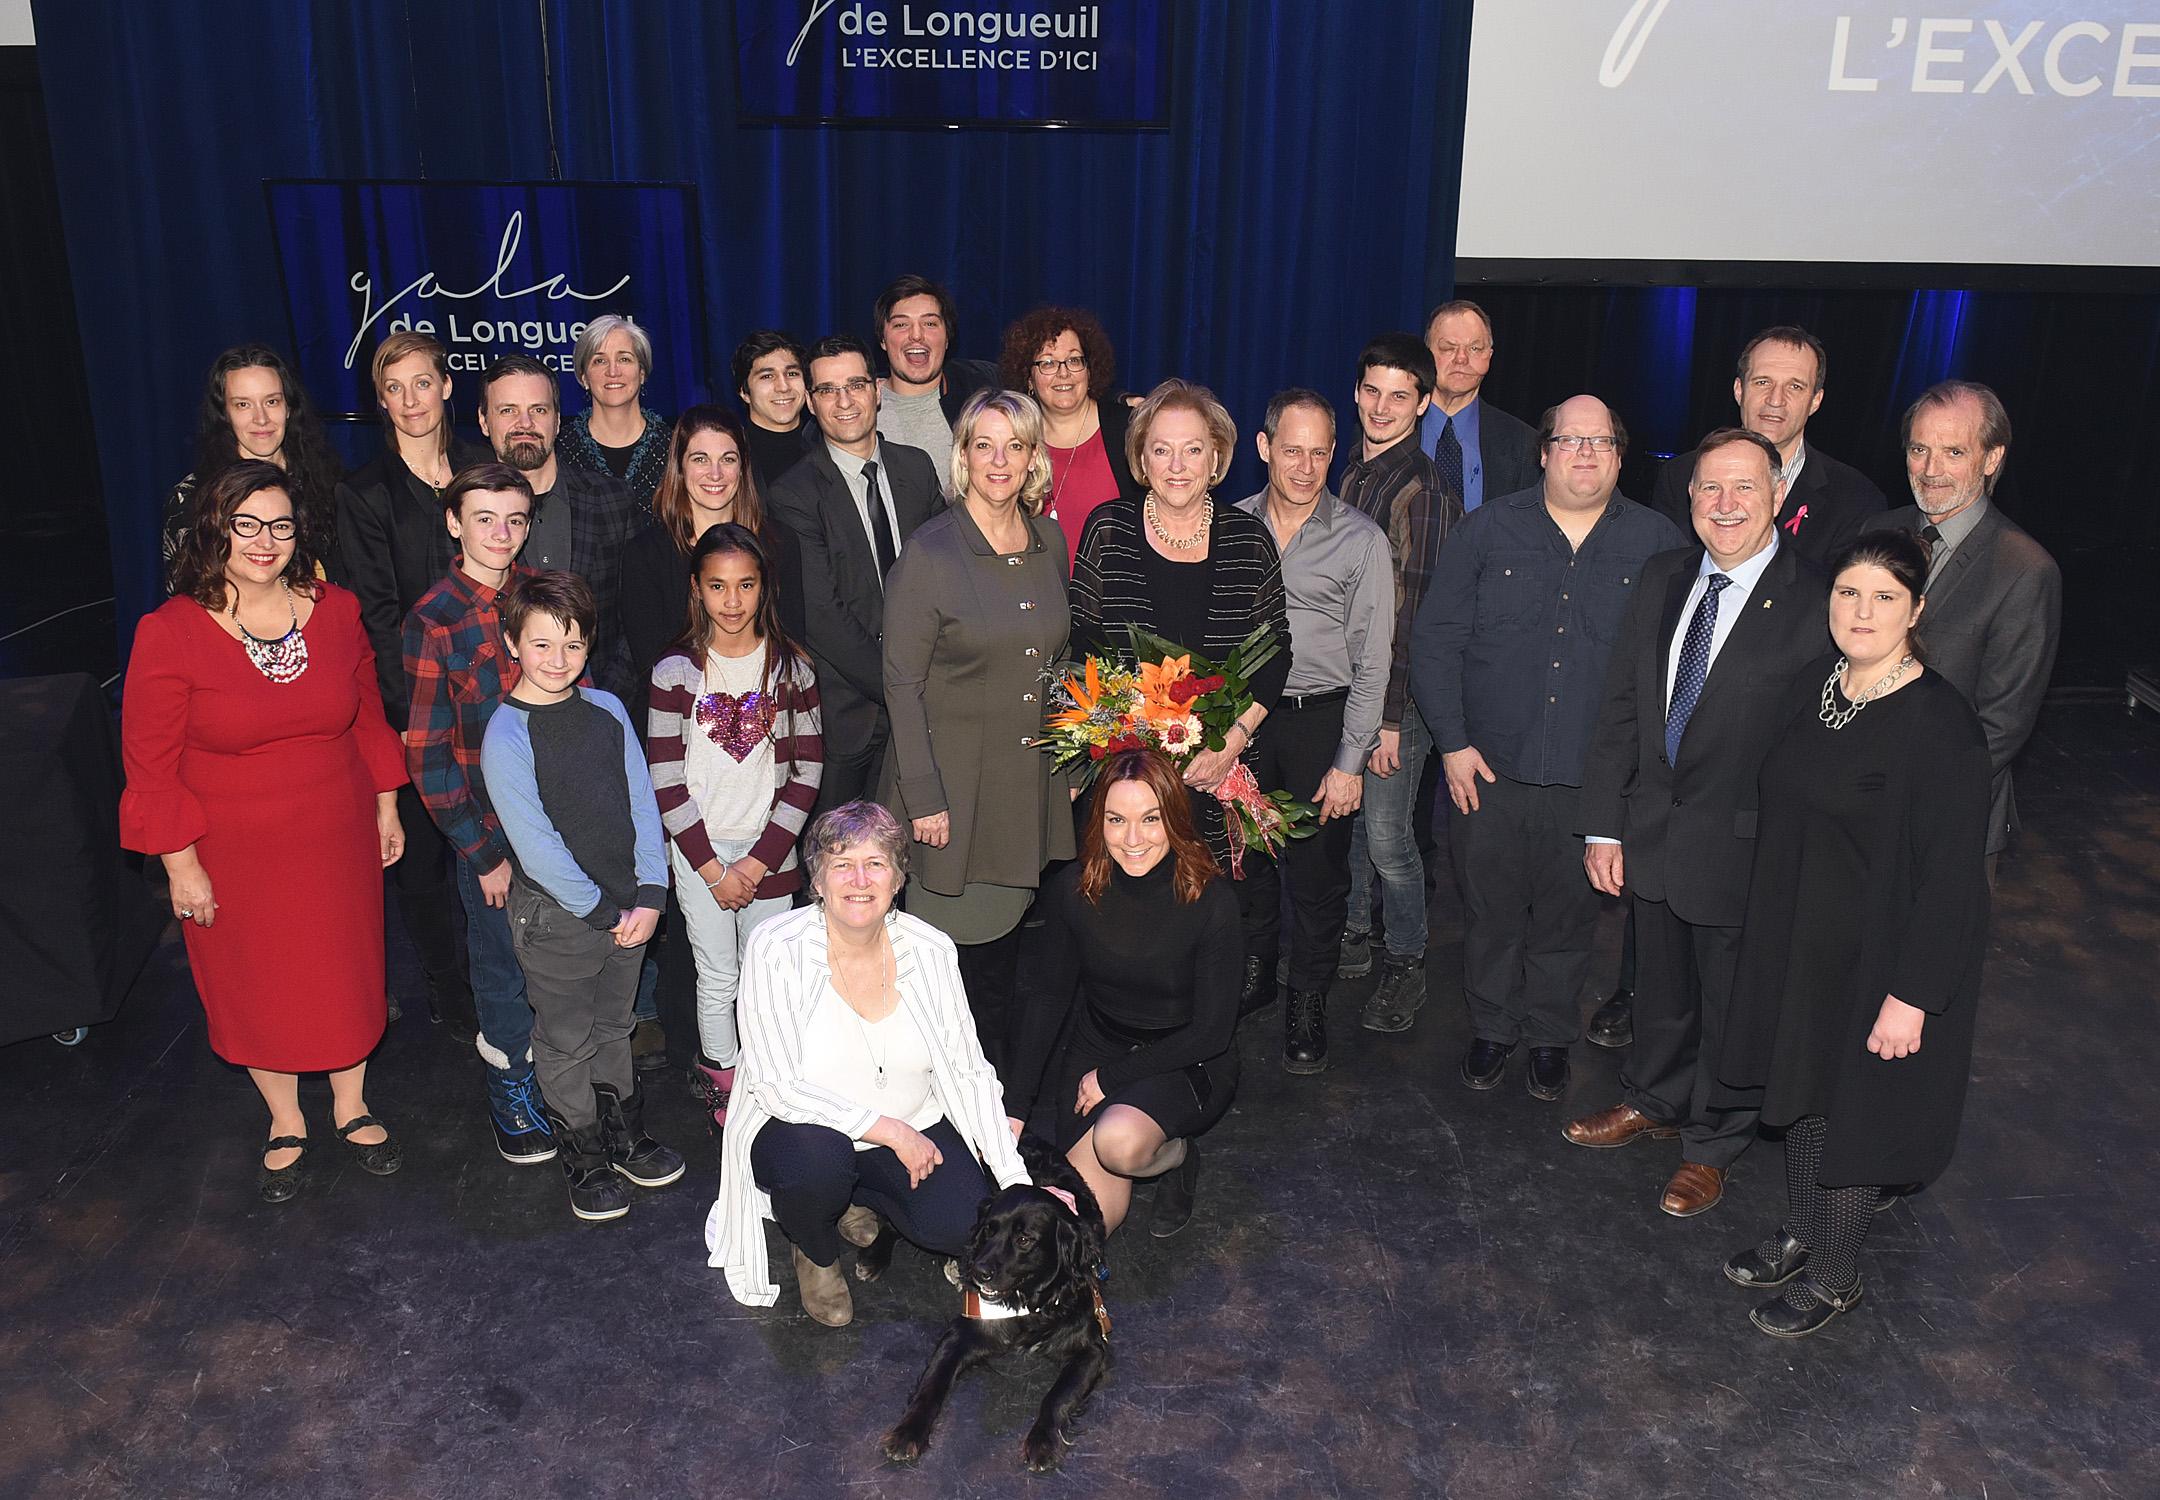 Les Batisseurs D Ici longueuil honore ses citoyens d'exception au 2e gala de